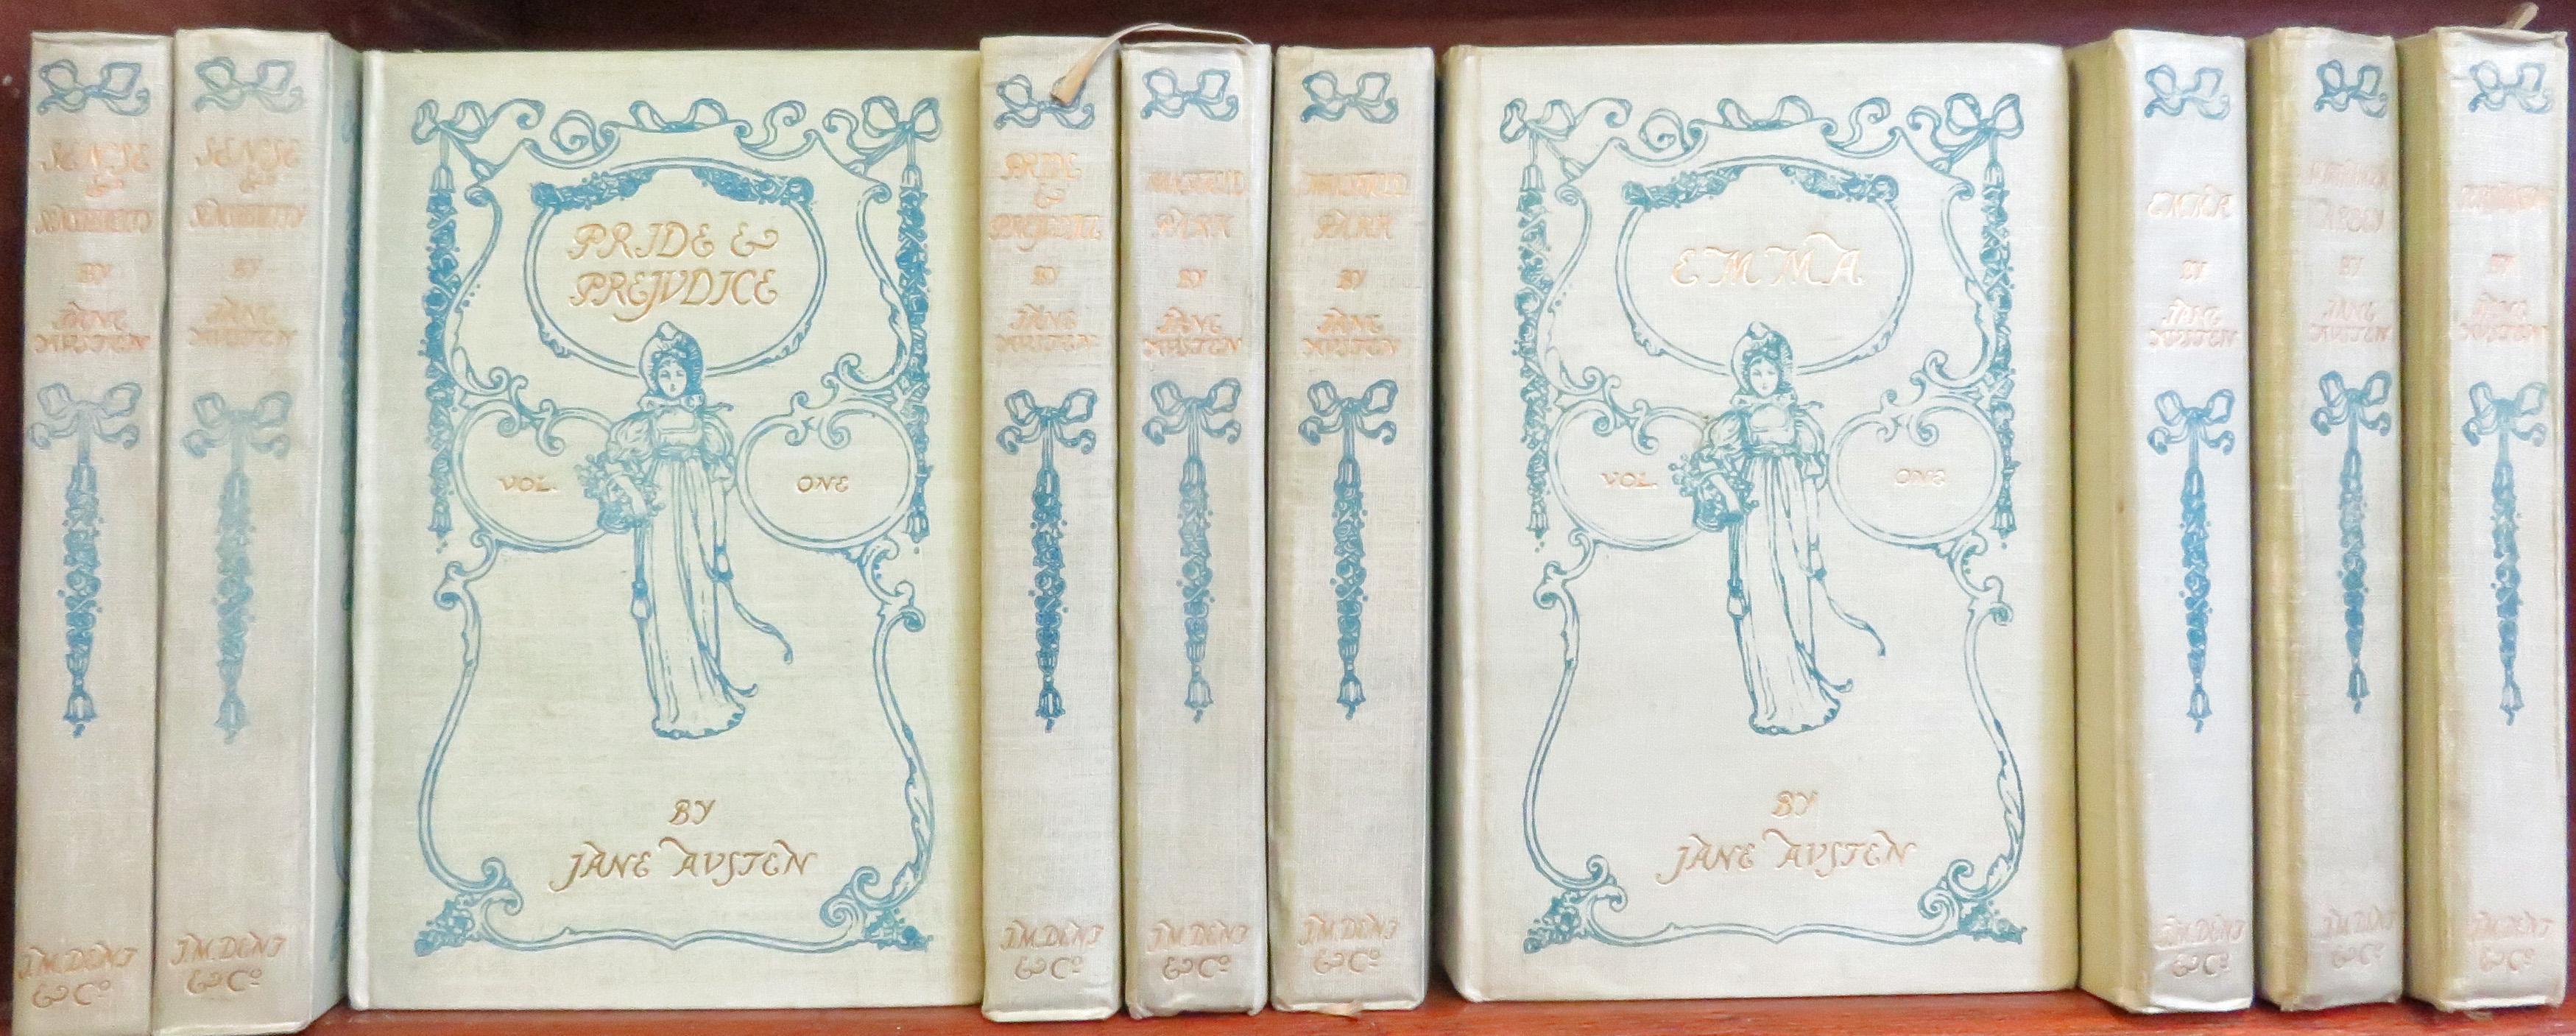 Jane Austen's Novels Edited by Reginald Brimley Johnson in ten volumes